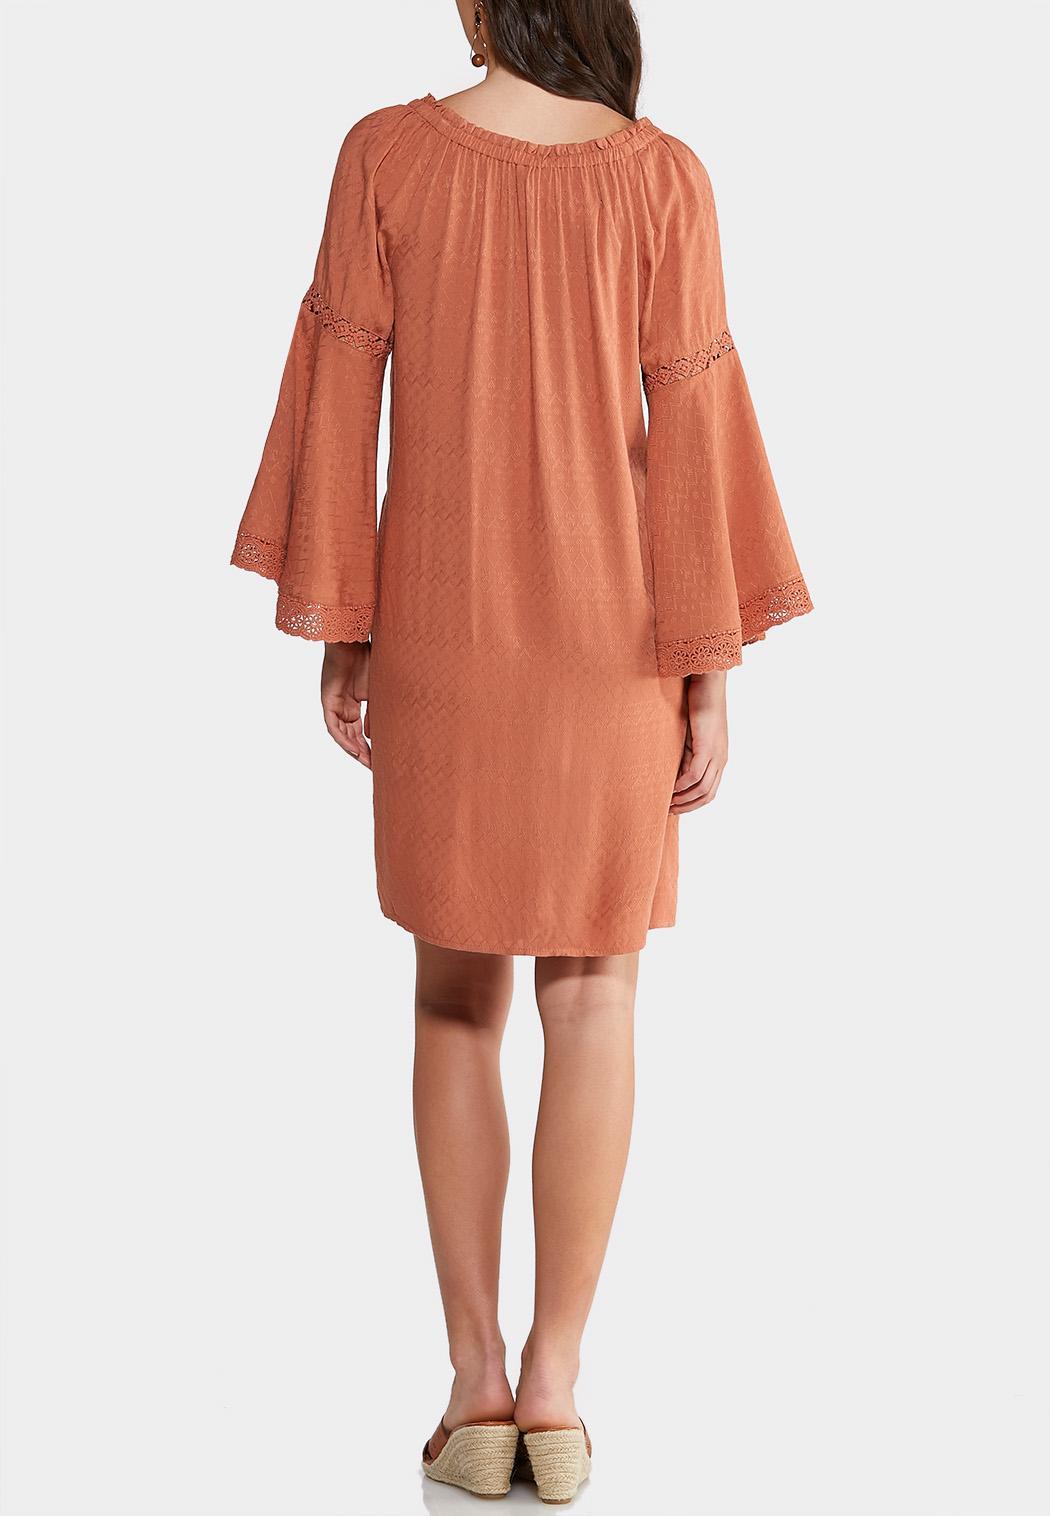 Plus Size Lace Trim Peasant Dress (Item #43875729)